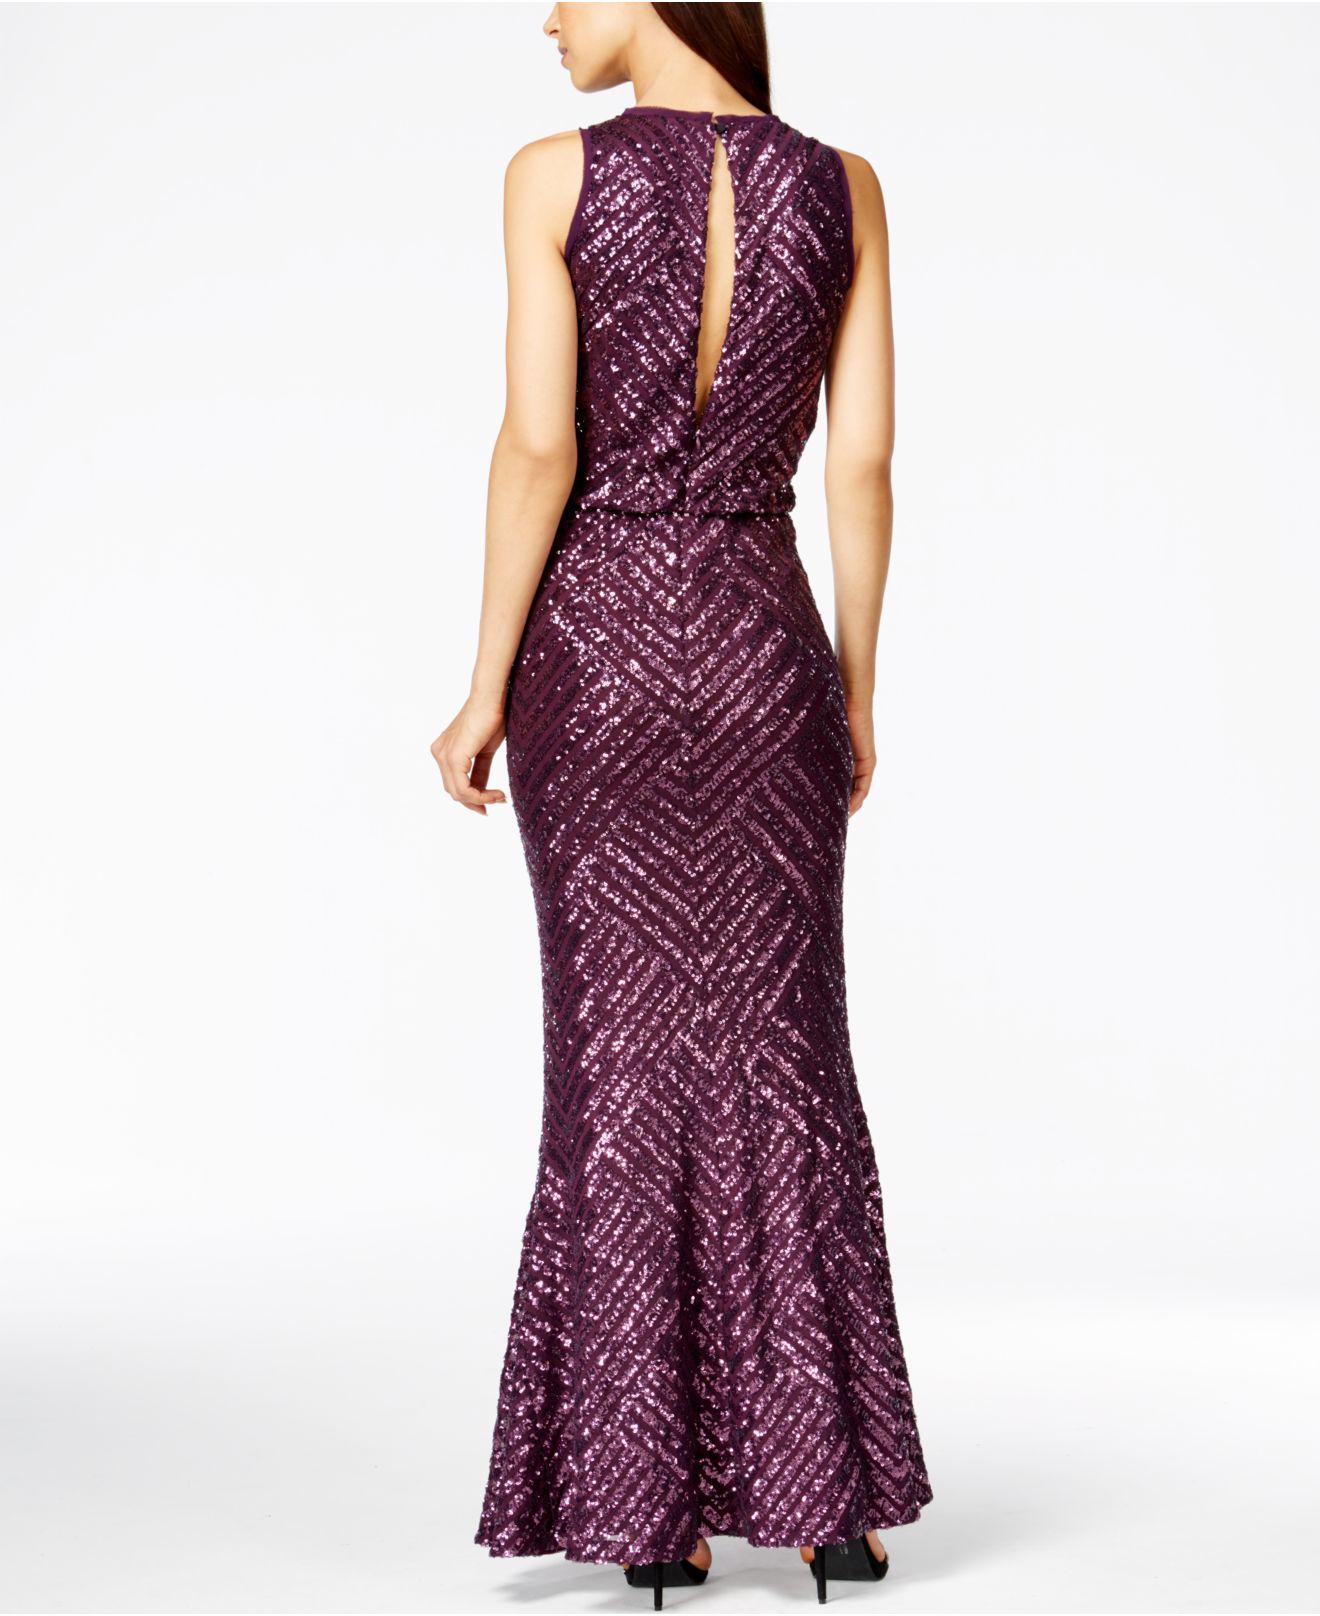 4038e9faa3d6 Calvin Klein Sequin Open-back Mermaid Gown in Purple - Lyst